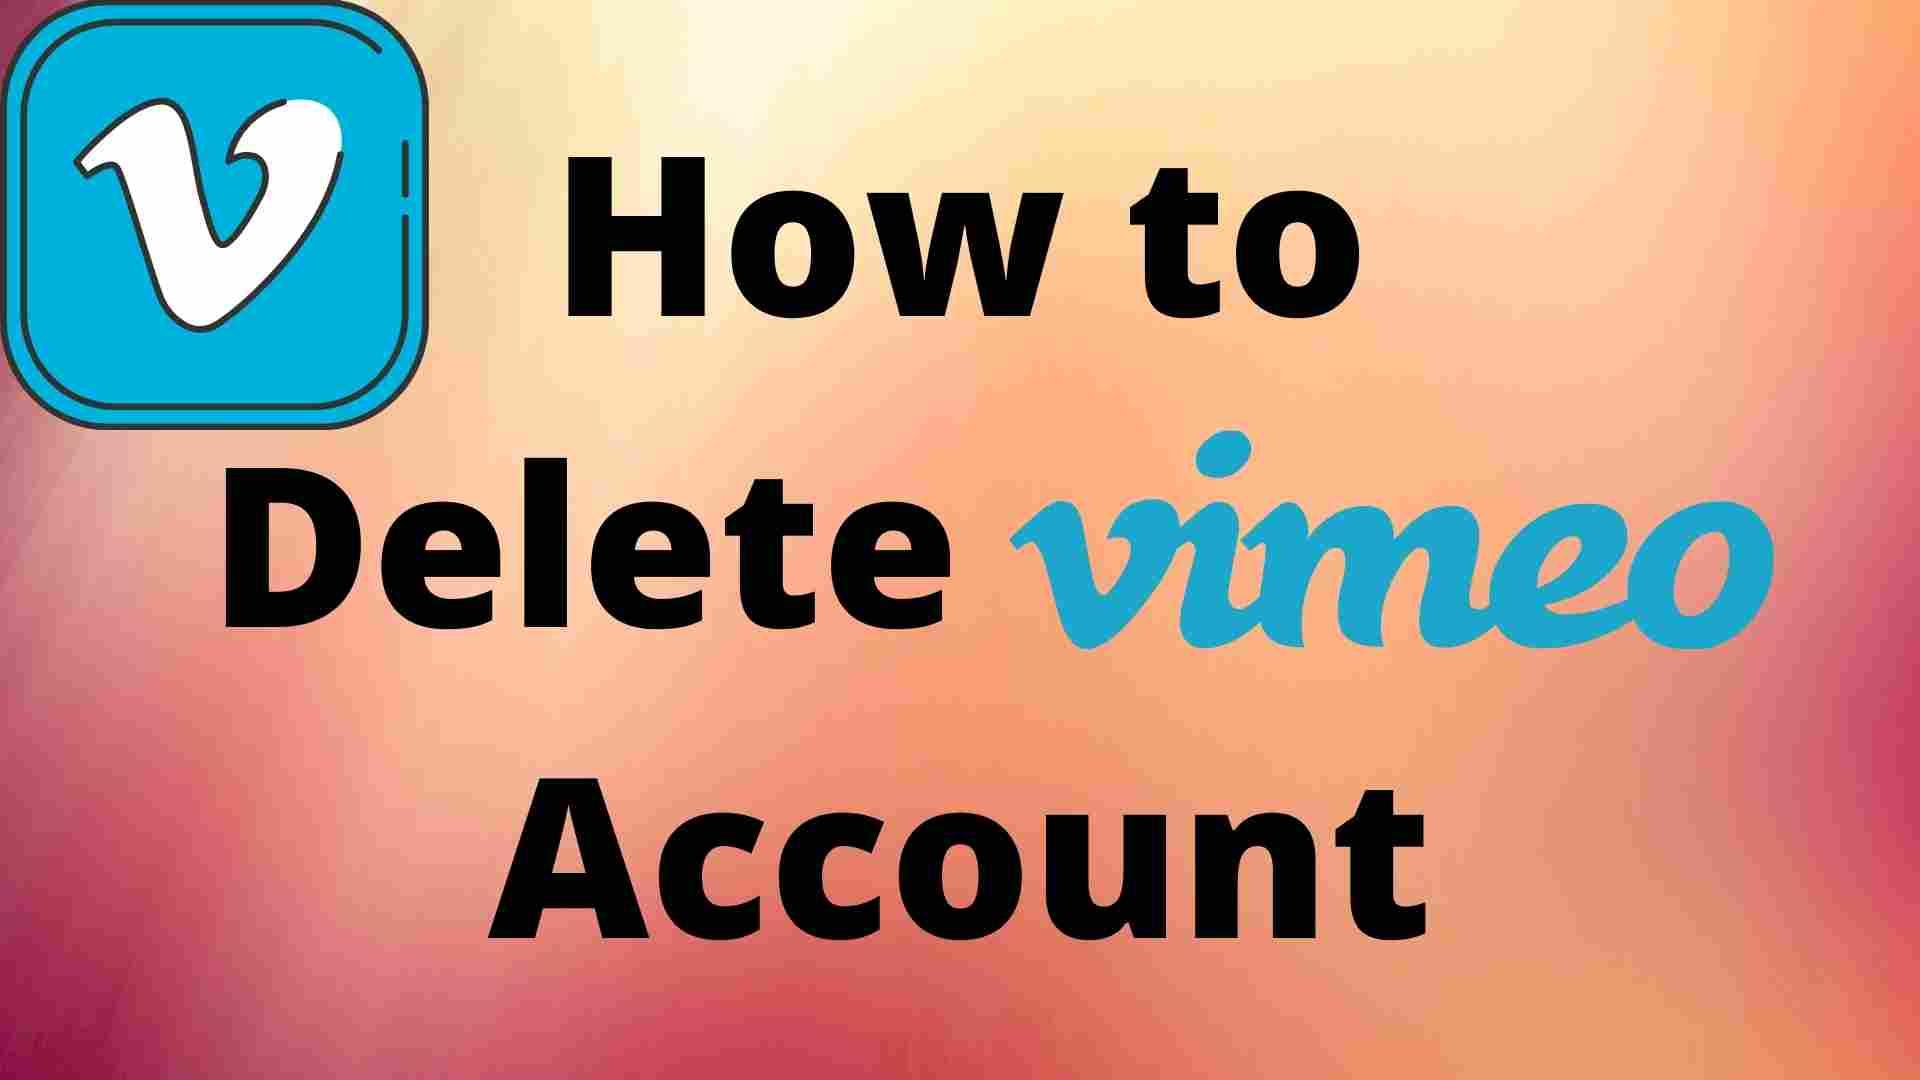 How to Delete Vimeo Account